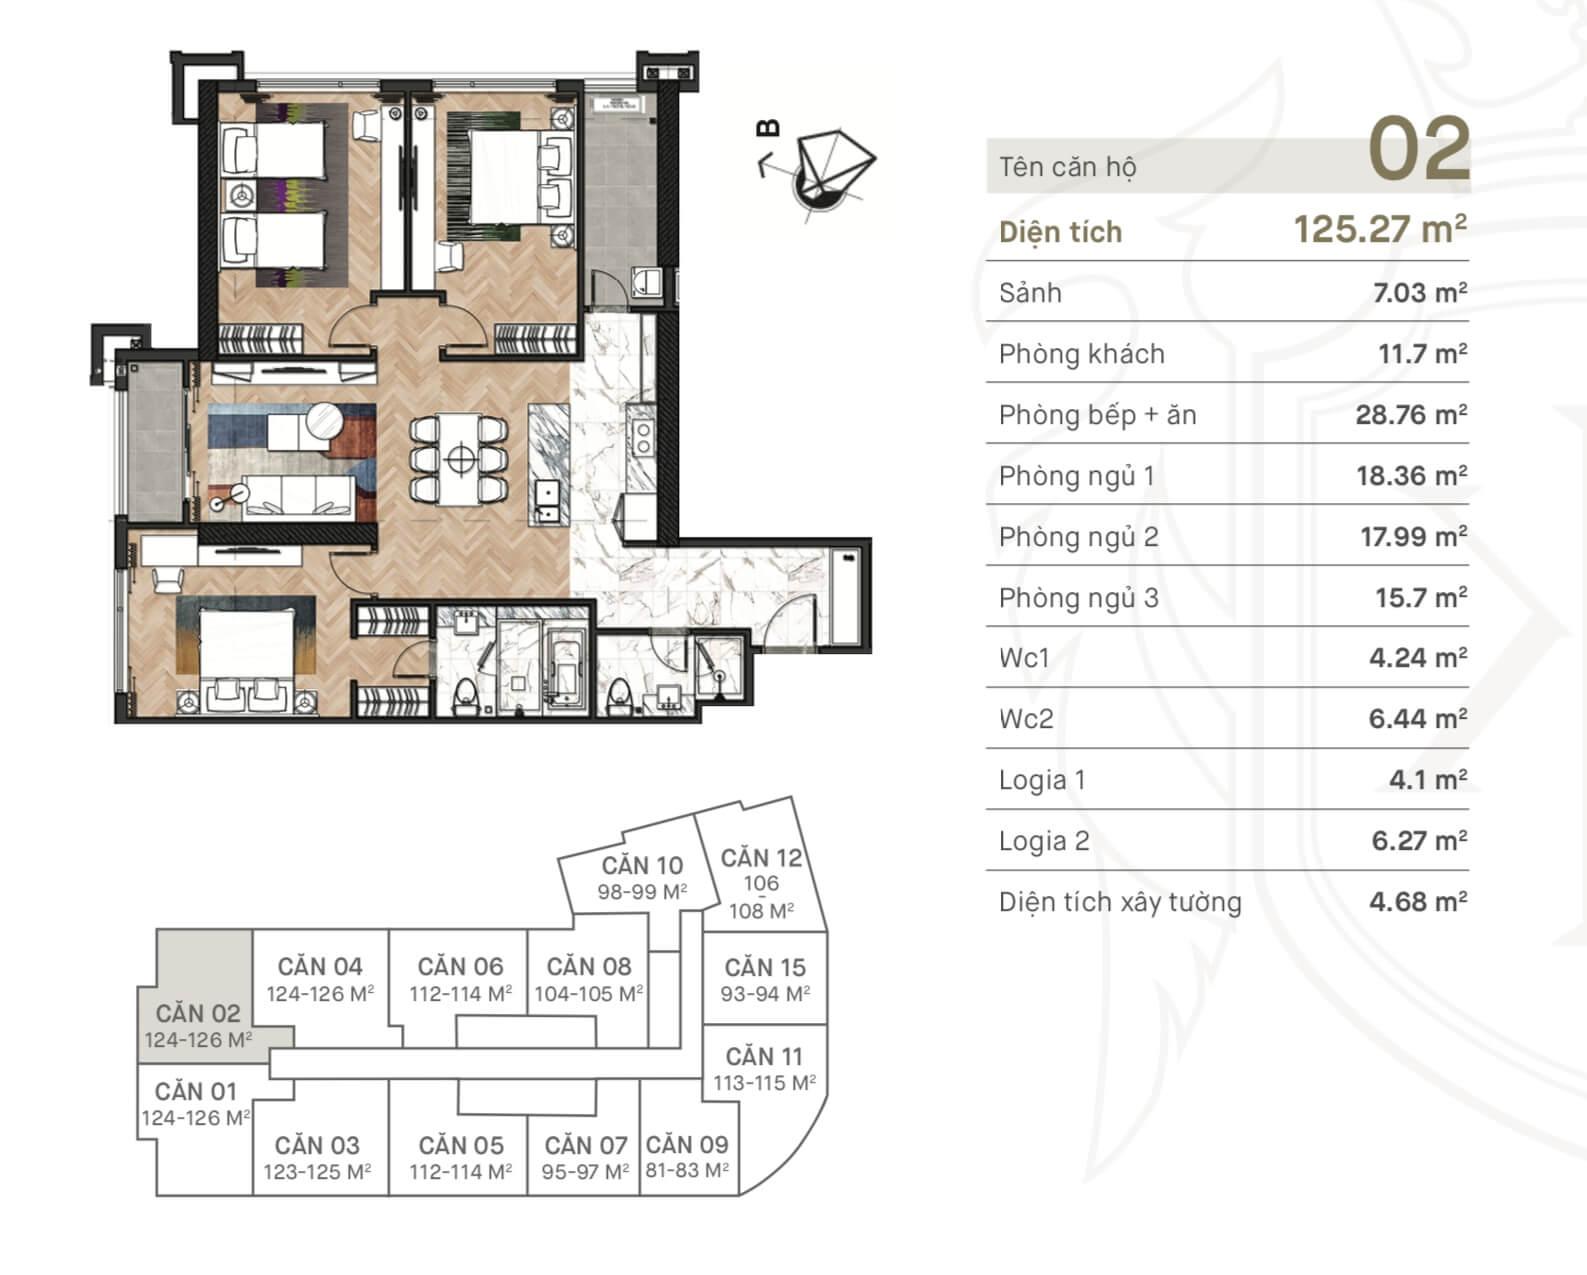 Thiết kế căn 02 chung cư 108 Nguyễn Trãi